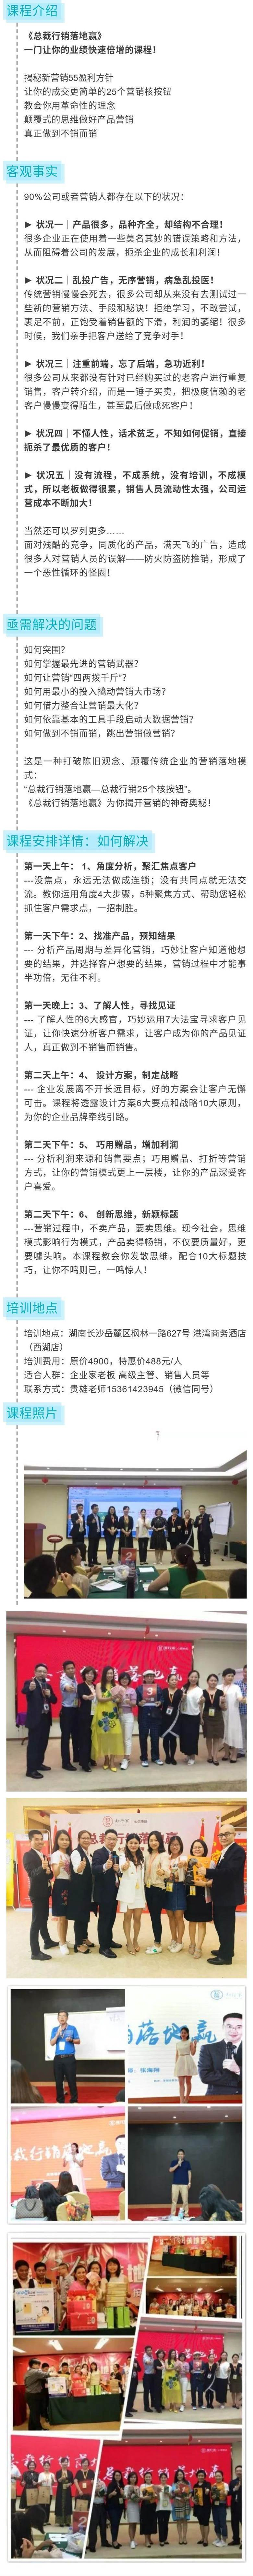 总裁营销-长沙站(活动行).jpg